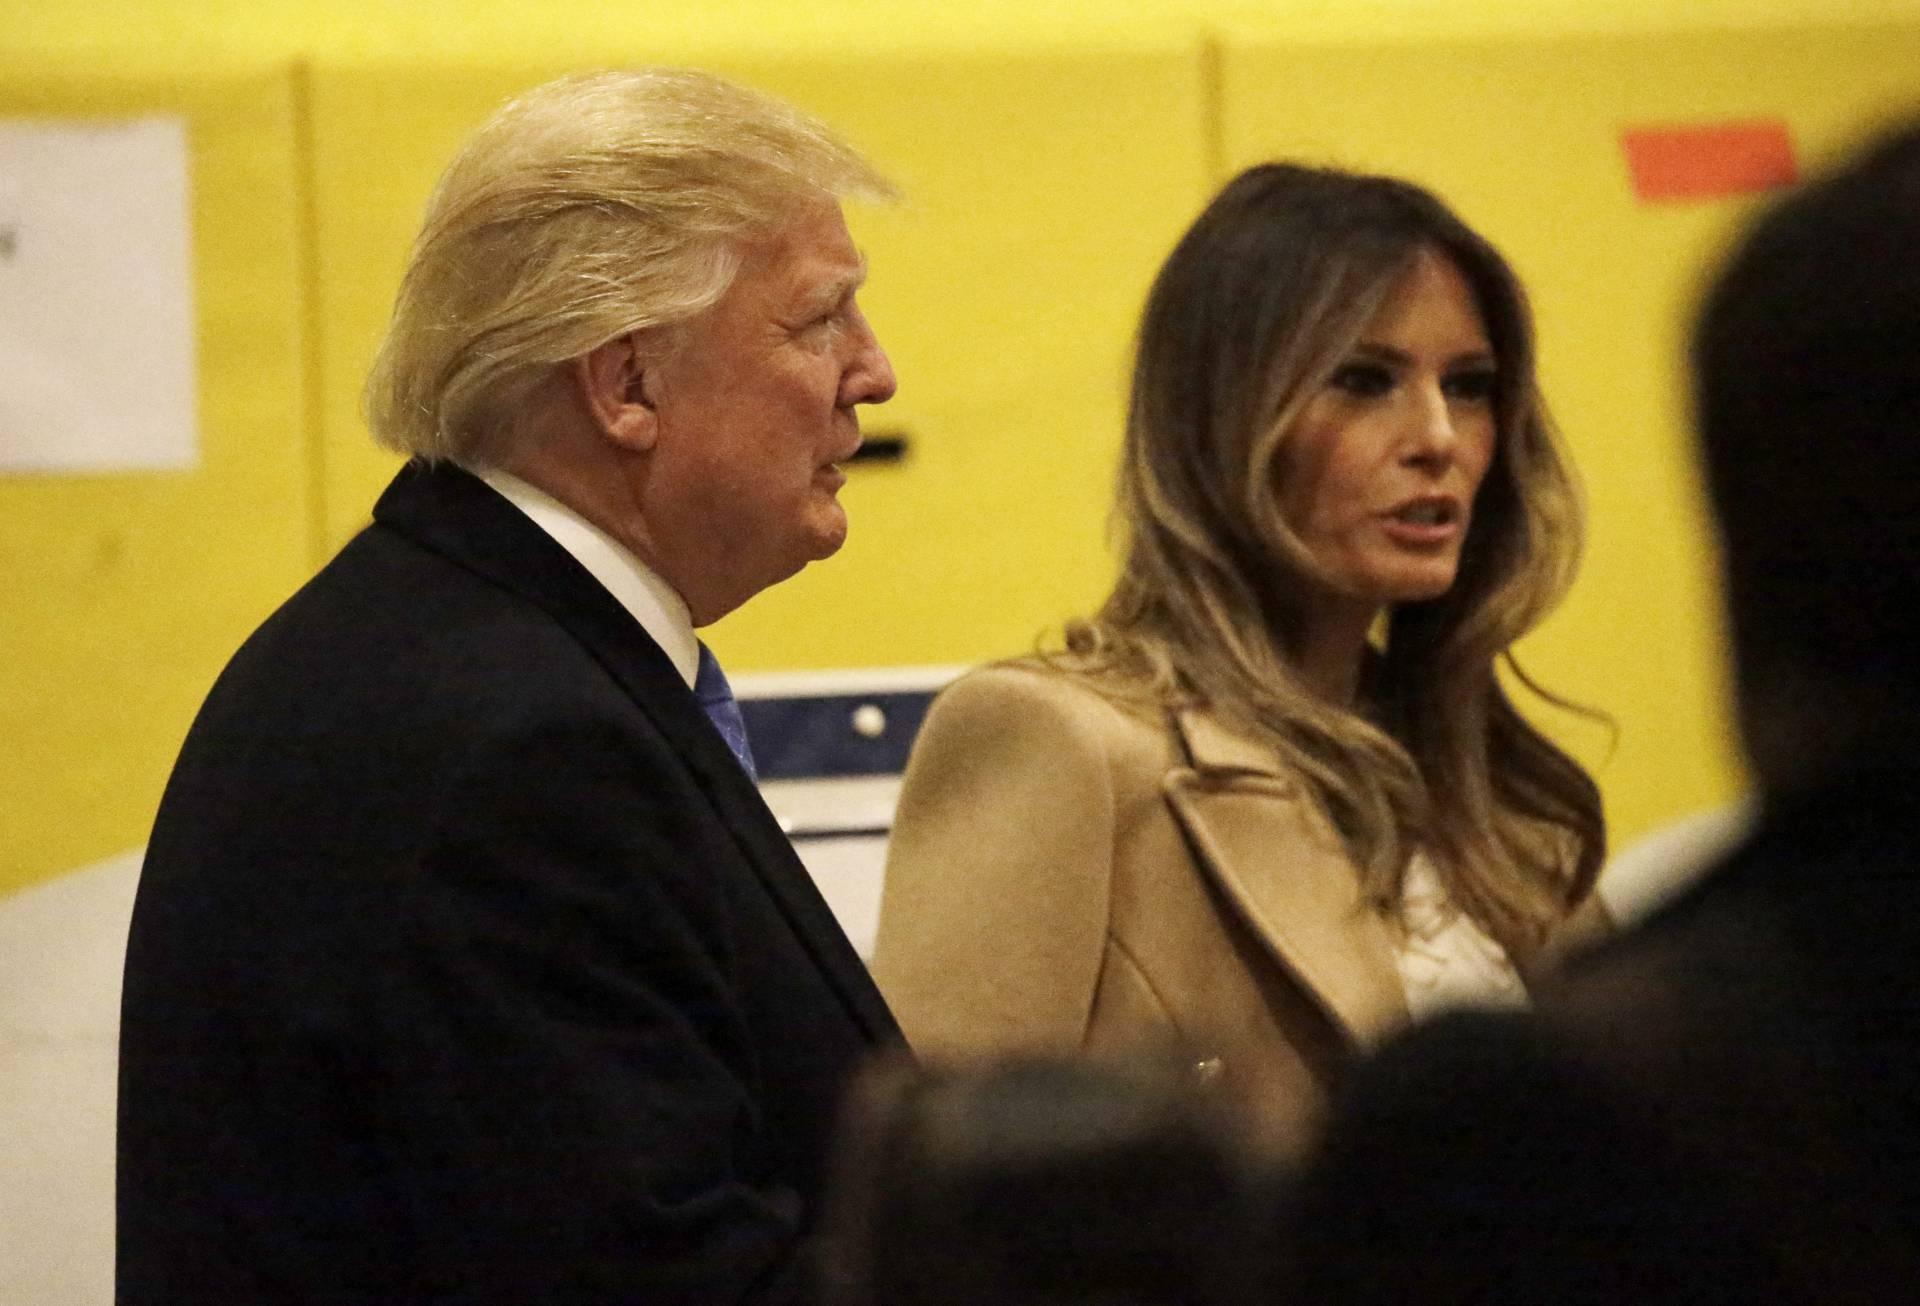 Donald Trump y su mujer Melania a su llegada al centro electoral para depositar su voto. EFE